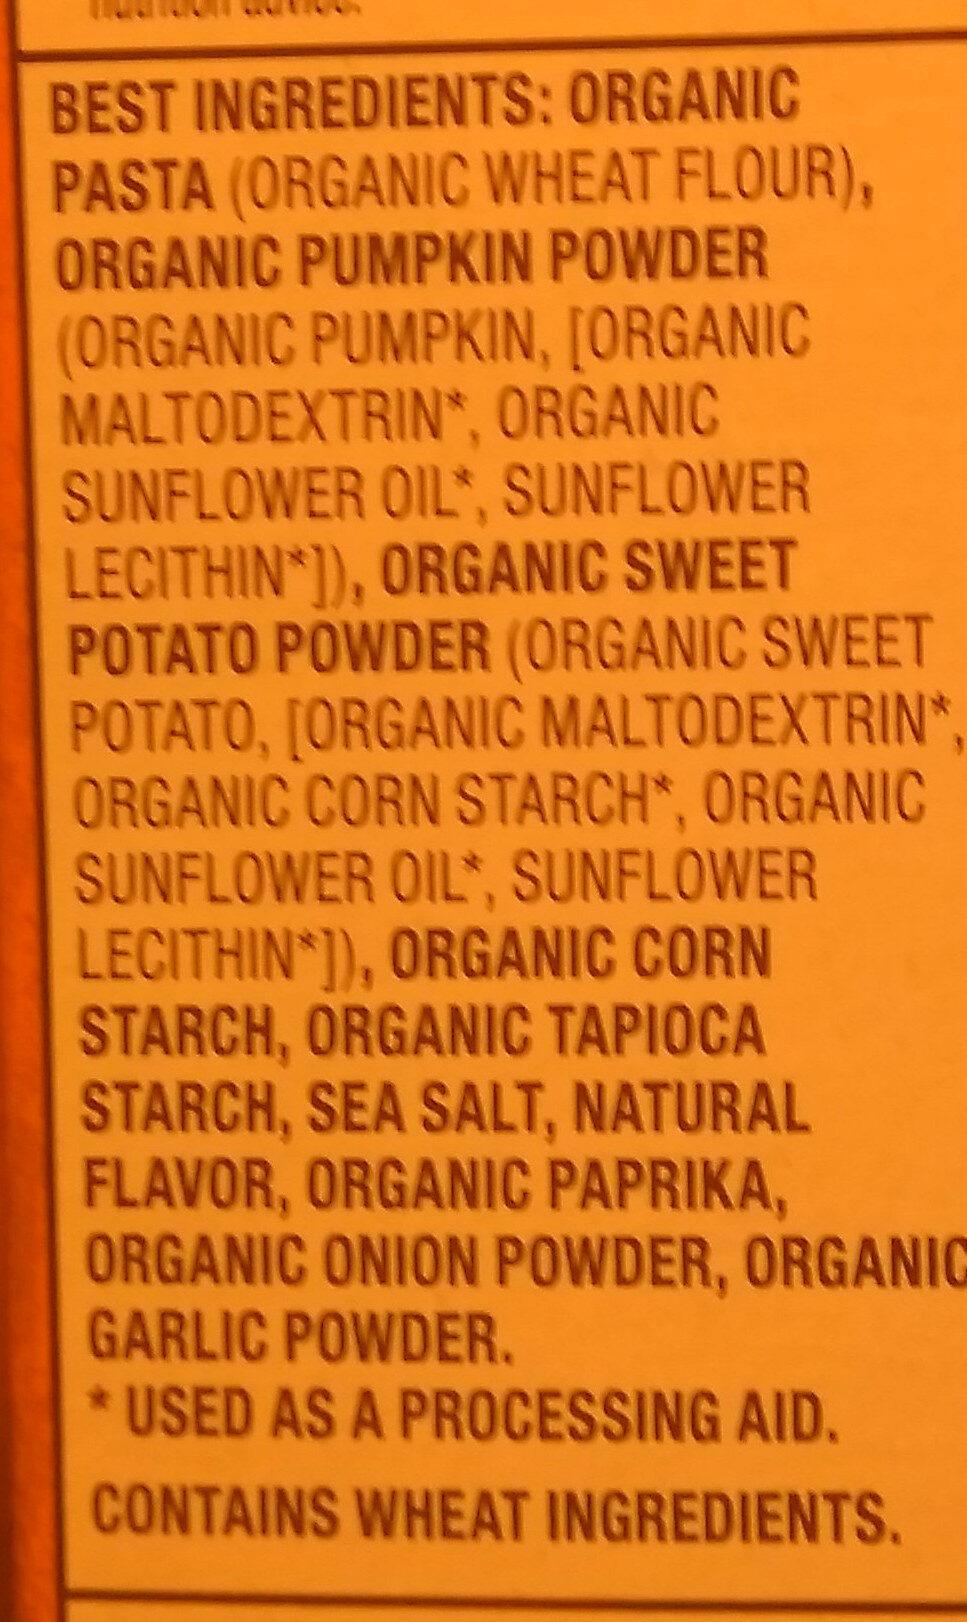 Organic Vegan Mac - Creamy Sauce - Ingredients